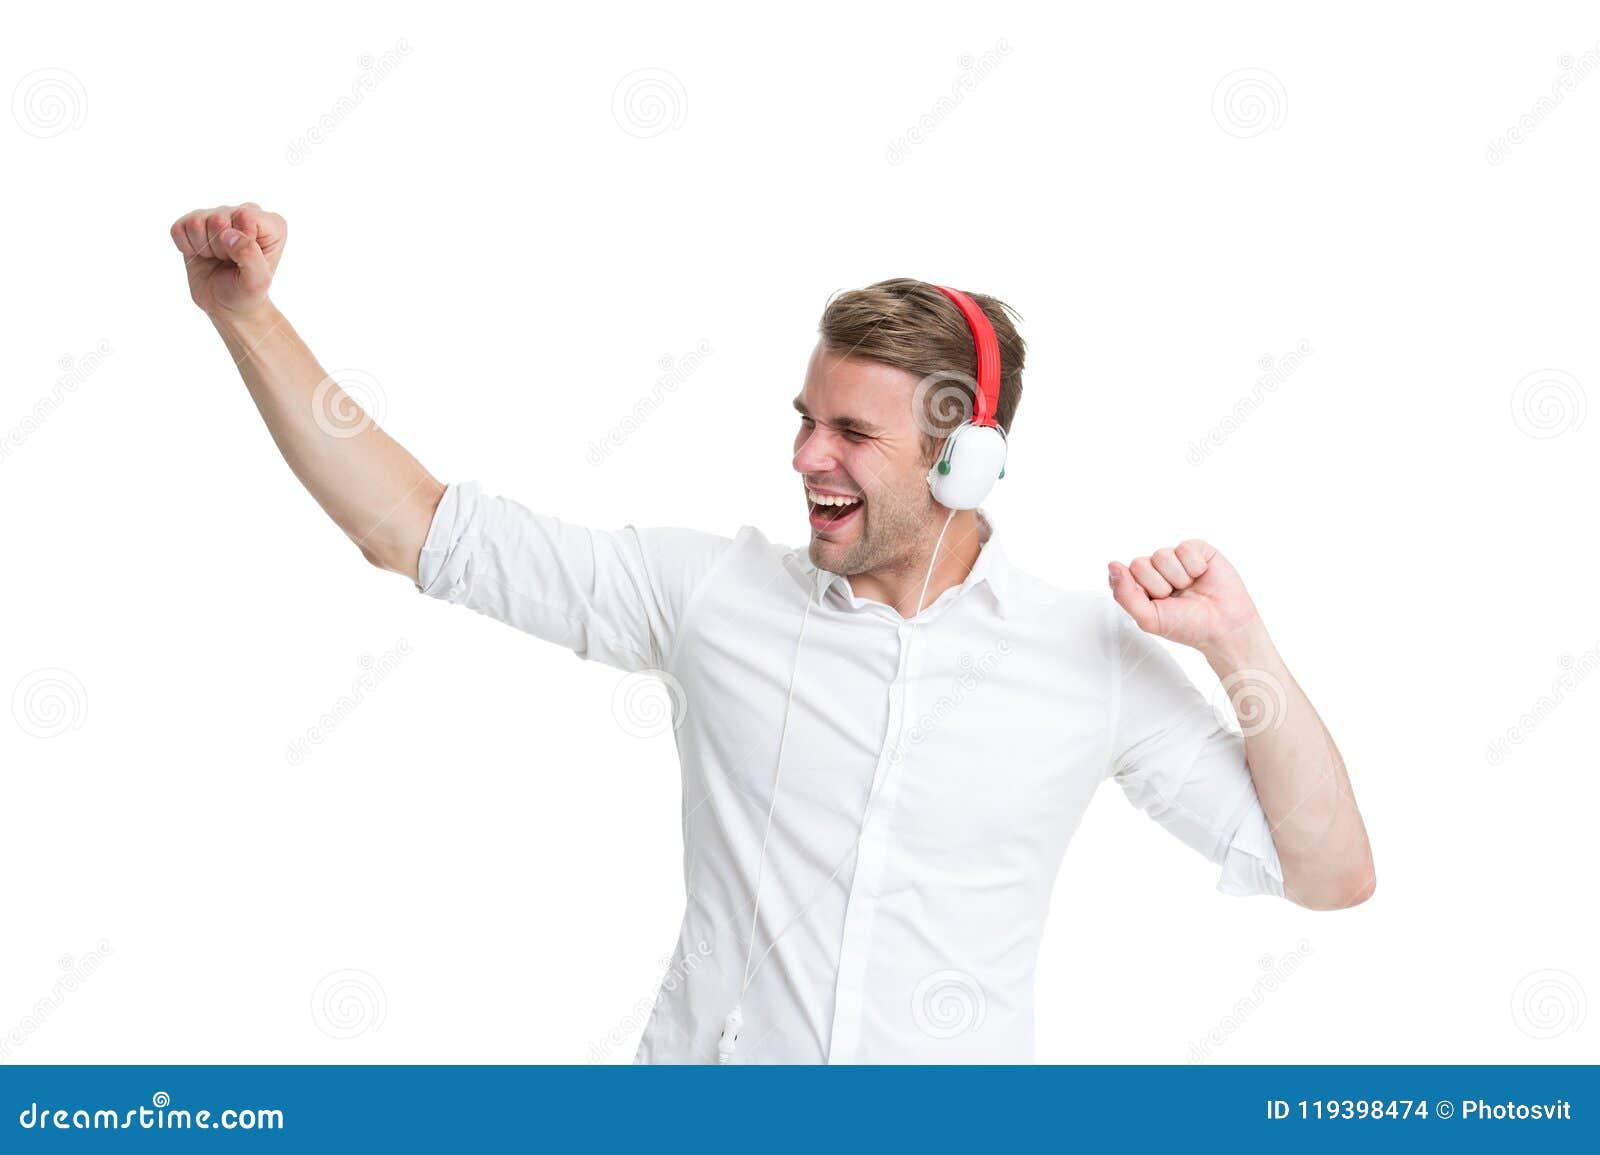 Música de dança Equipe a música favorita de escuta nos fones de ouvido e na dança A cara feliz do homem aprecia o rádio de escuta